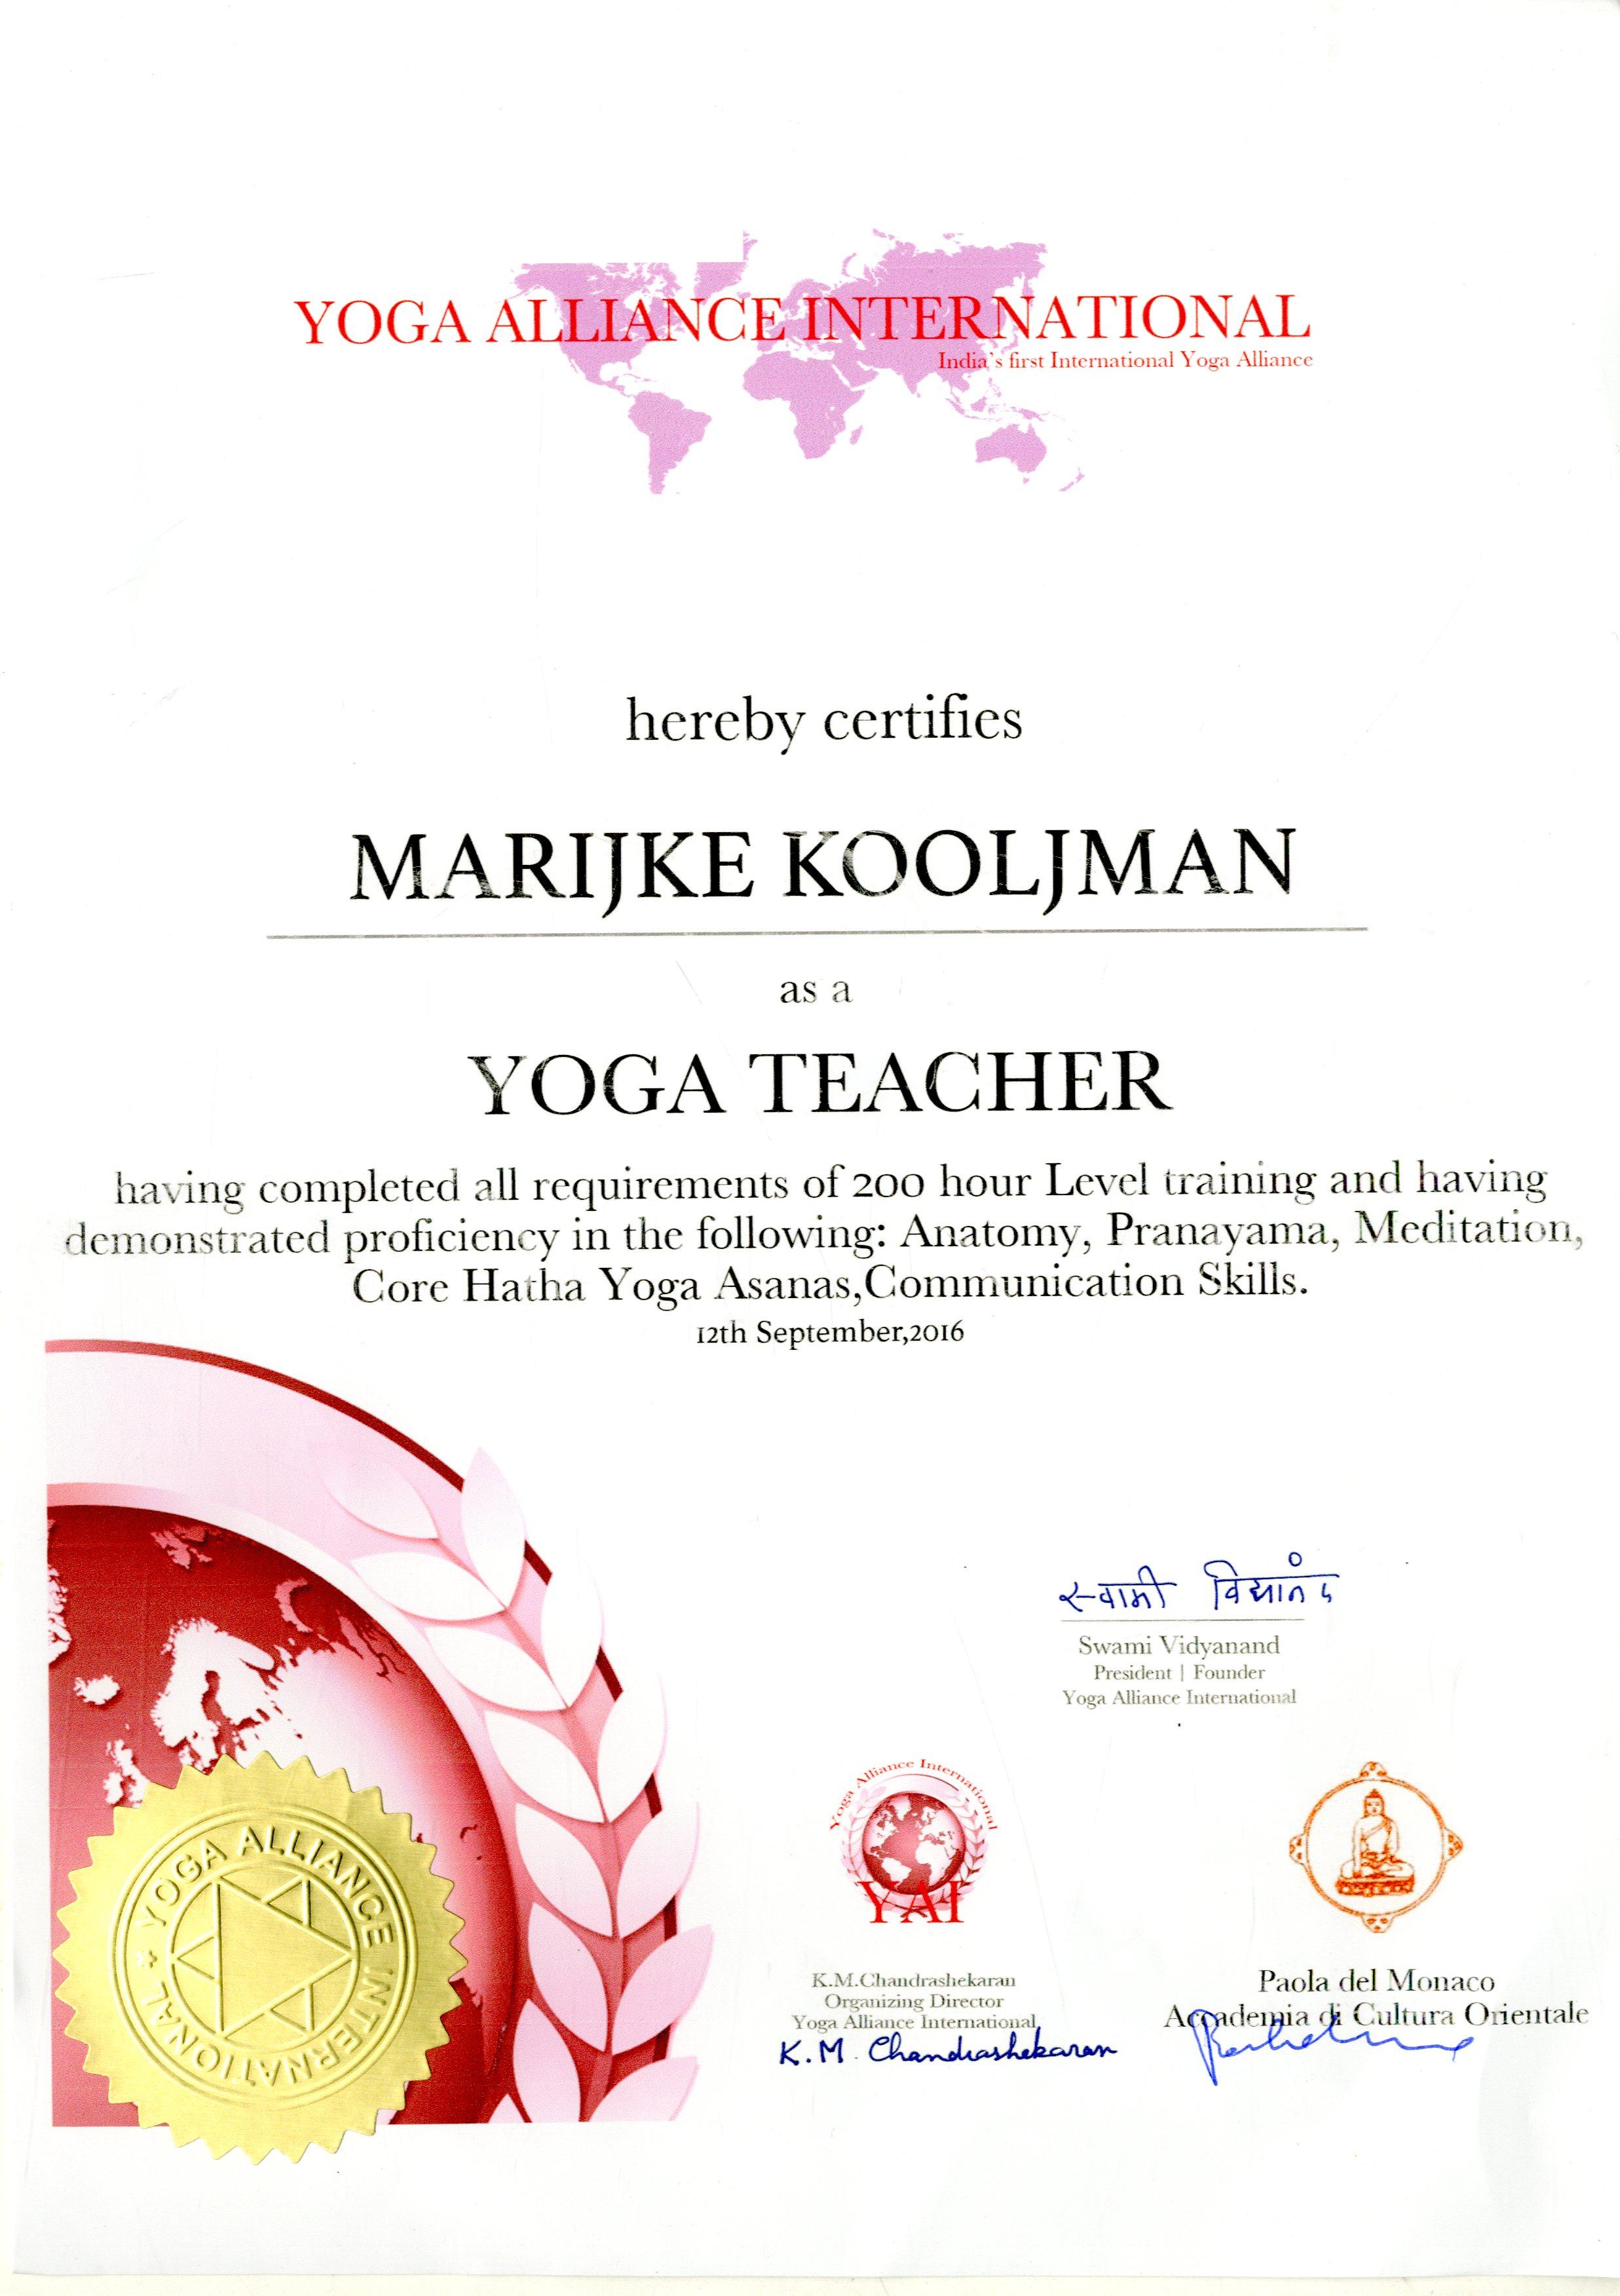 Diploma Yoga Alliance International (klik voor de volledige afbeelding)